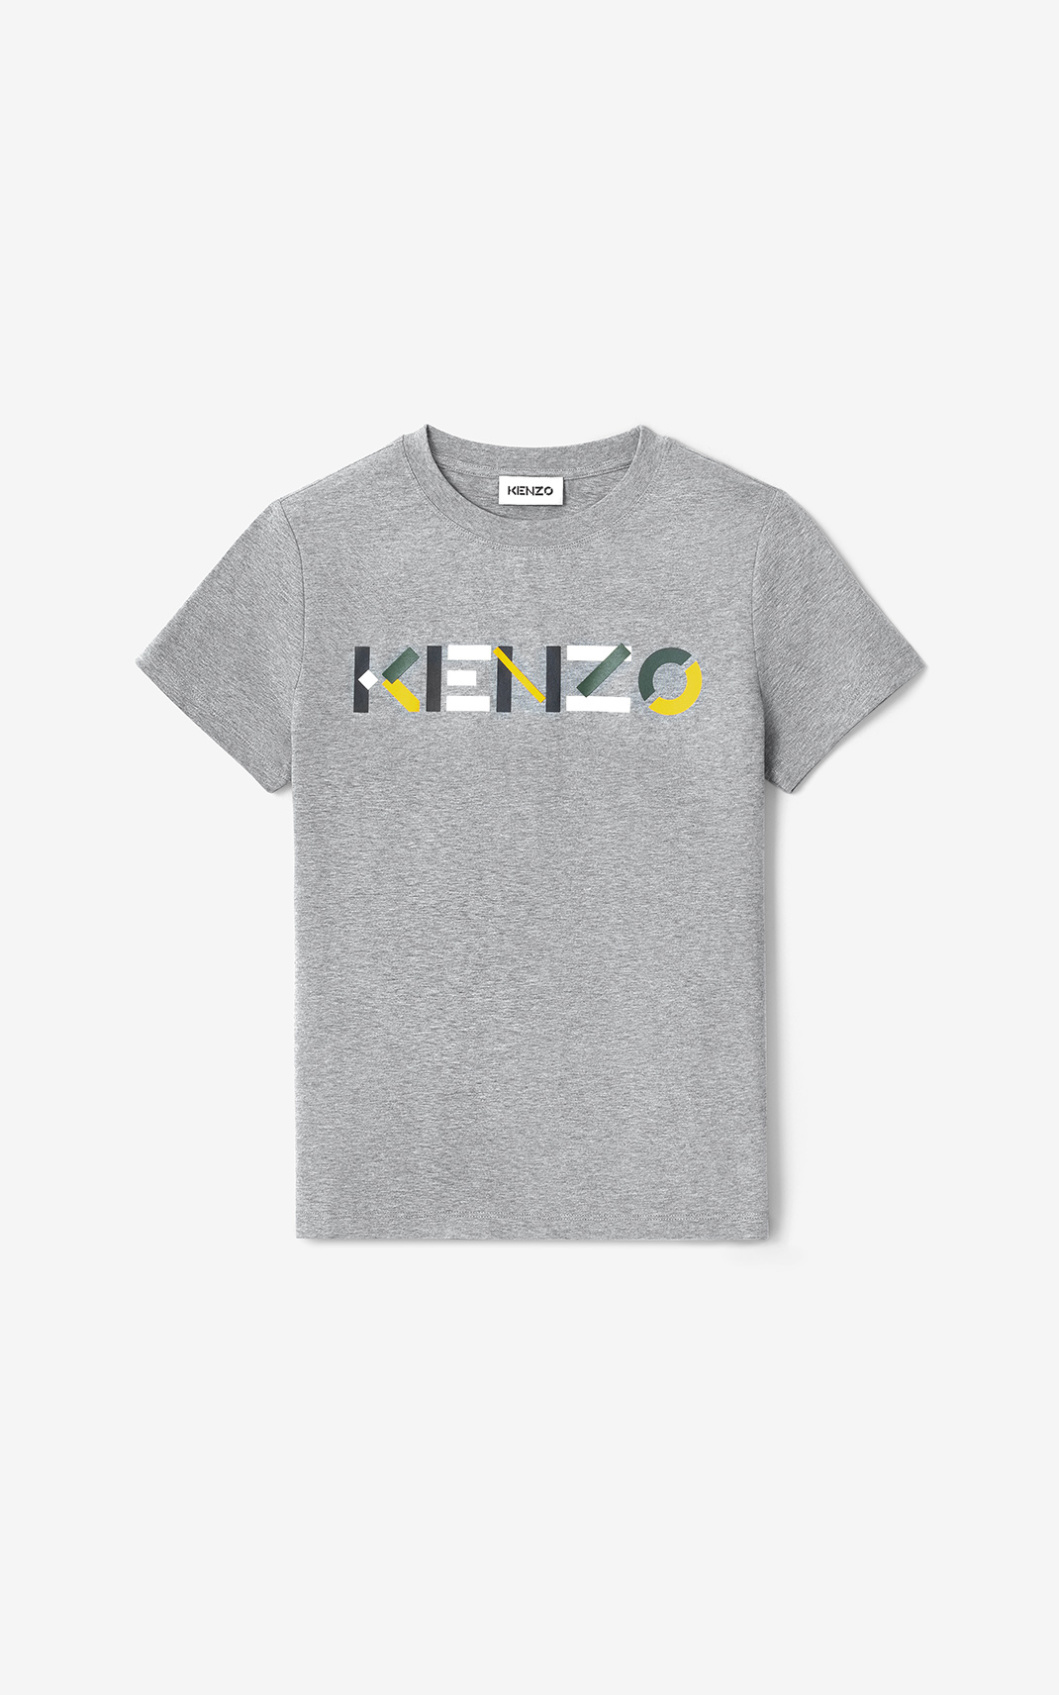 KENZO T-shirt KENZO Logo multico